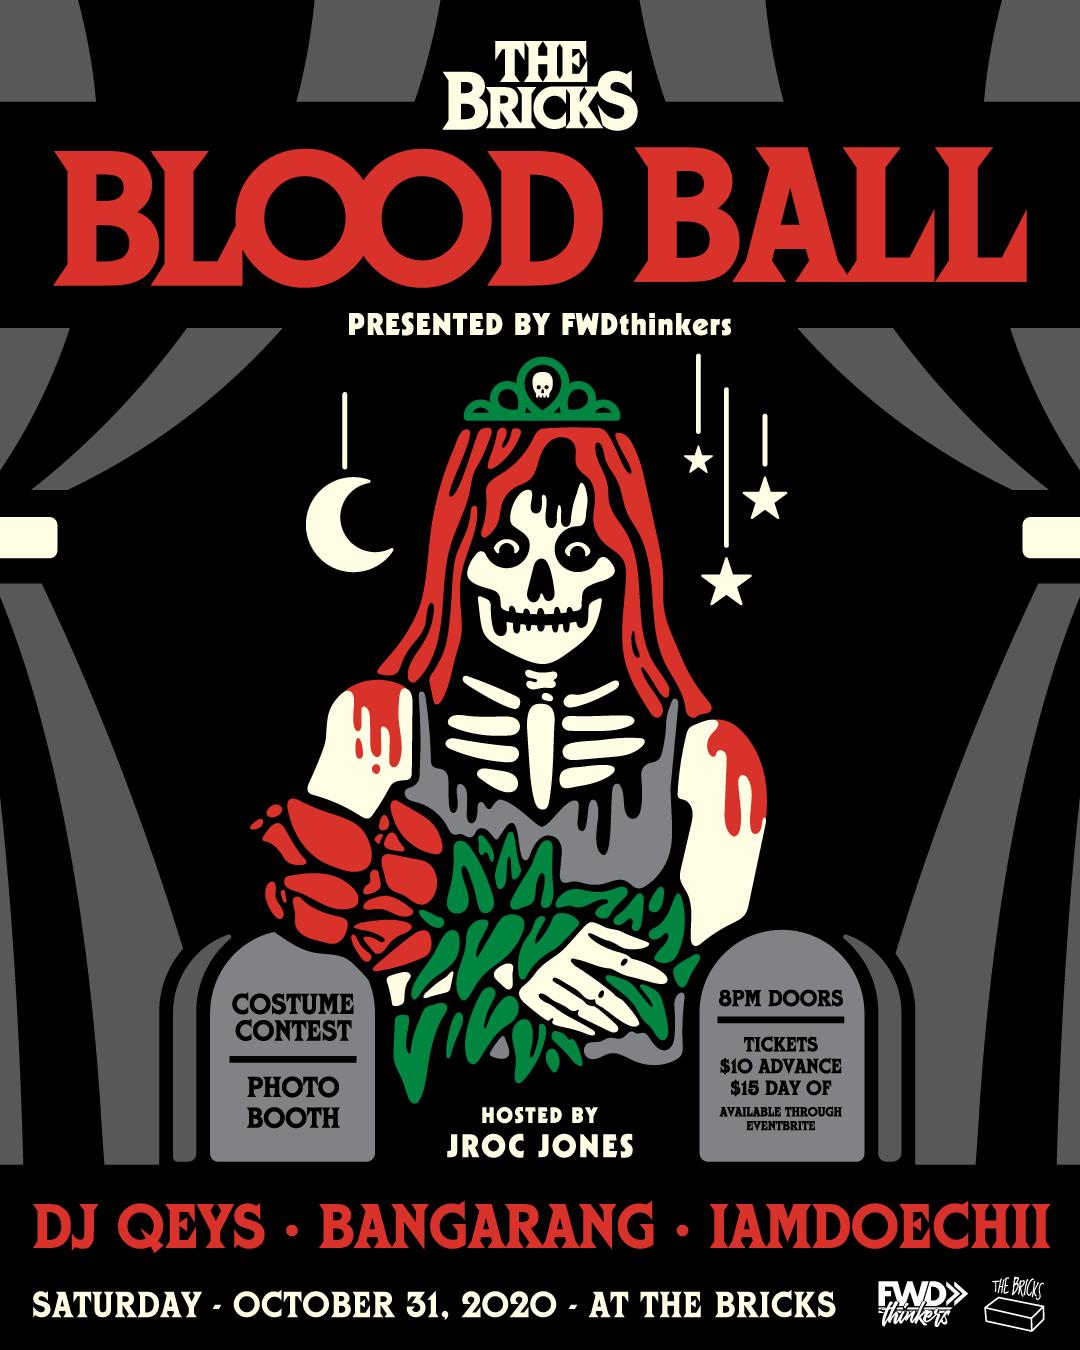 BLOOdBALL-Thebricks-Halloween-FWDthionkers-Five5tampa-Ybor-Iiamdoechii-BANGARANG-DJqeys